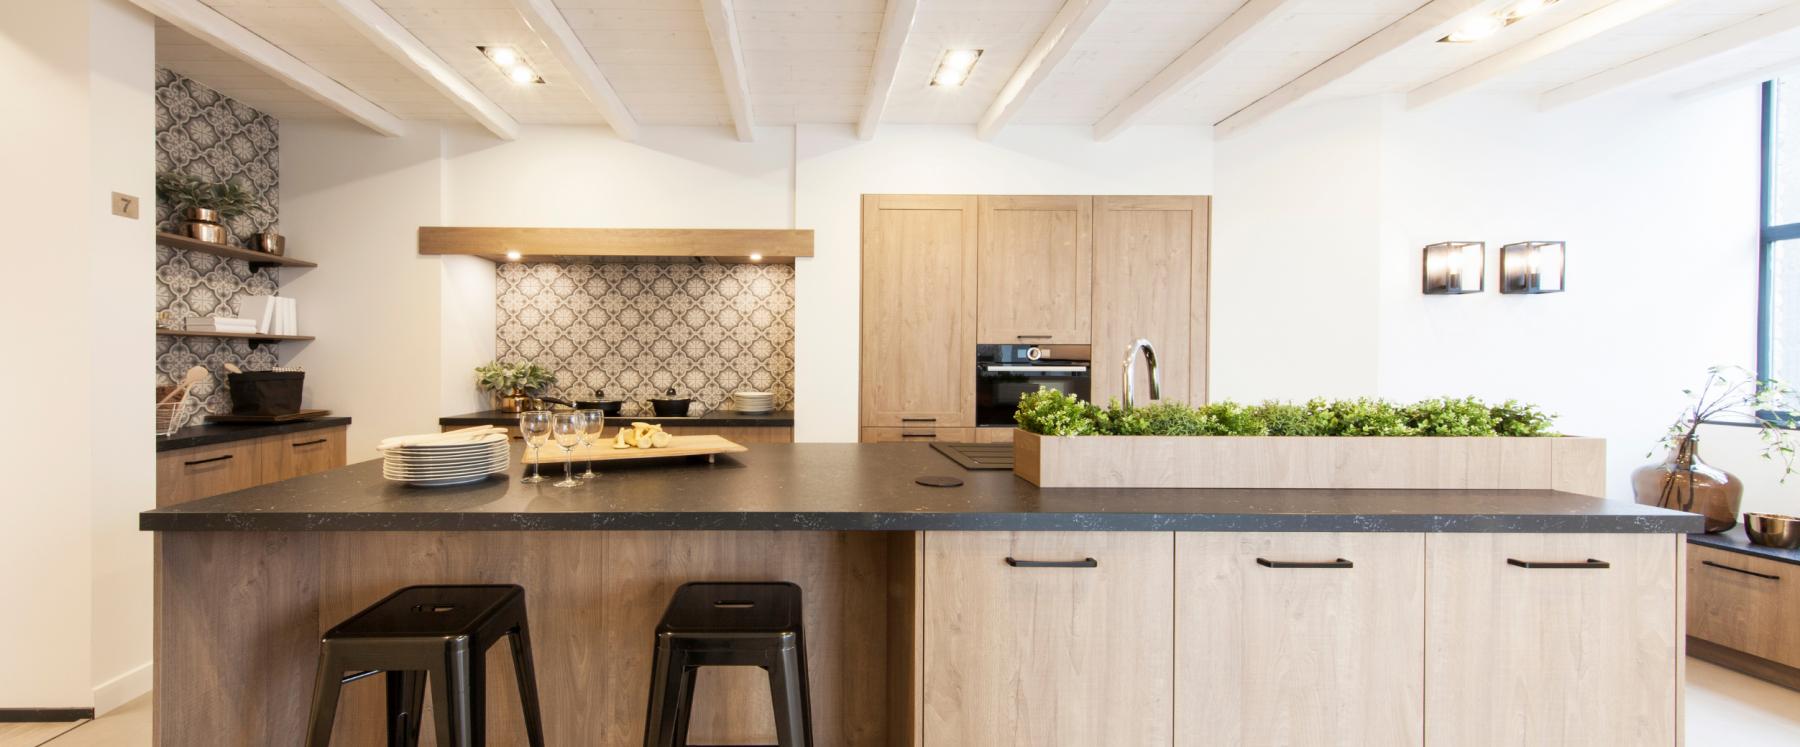 Modern landelijke keuken in cottagestijl